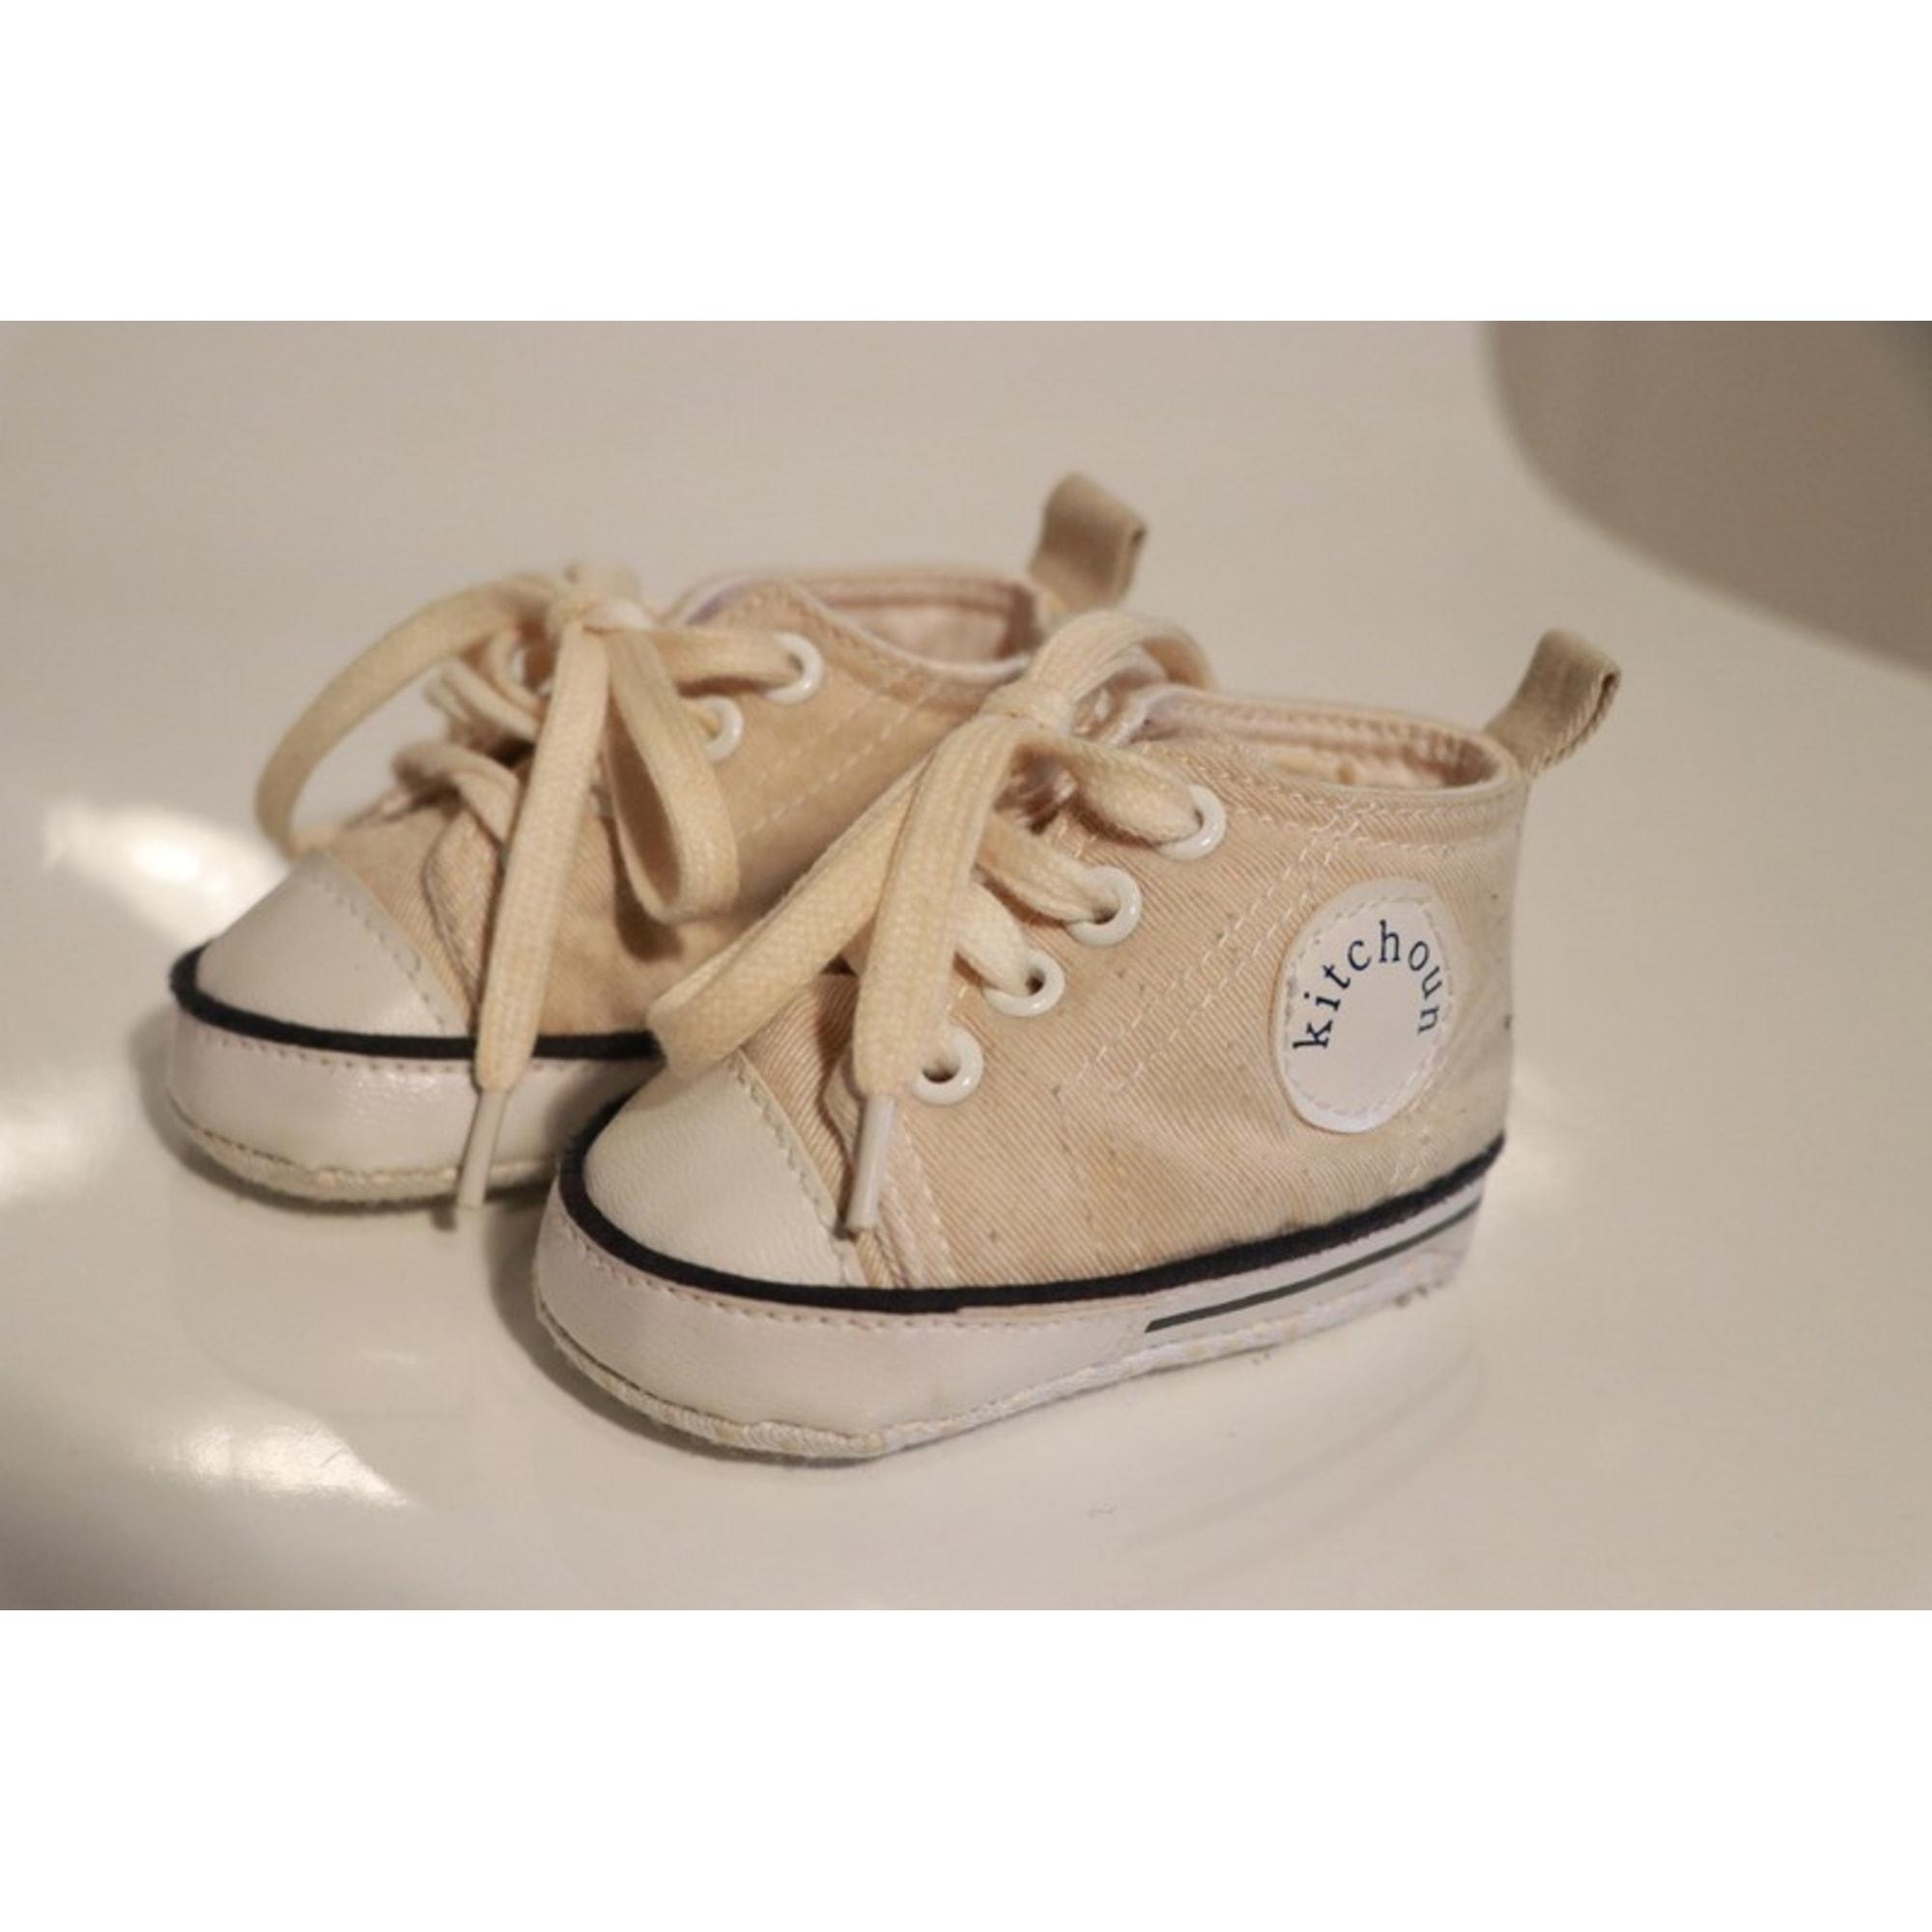 Chaussures à lacets KITCHOUN Beige, camel